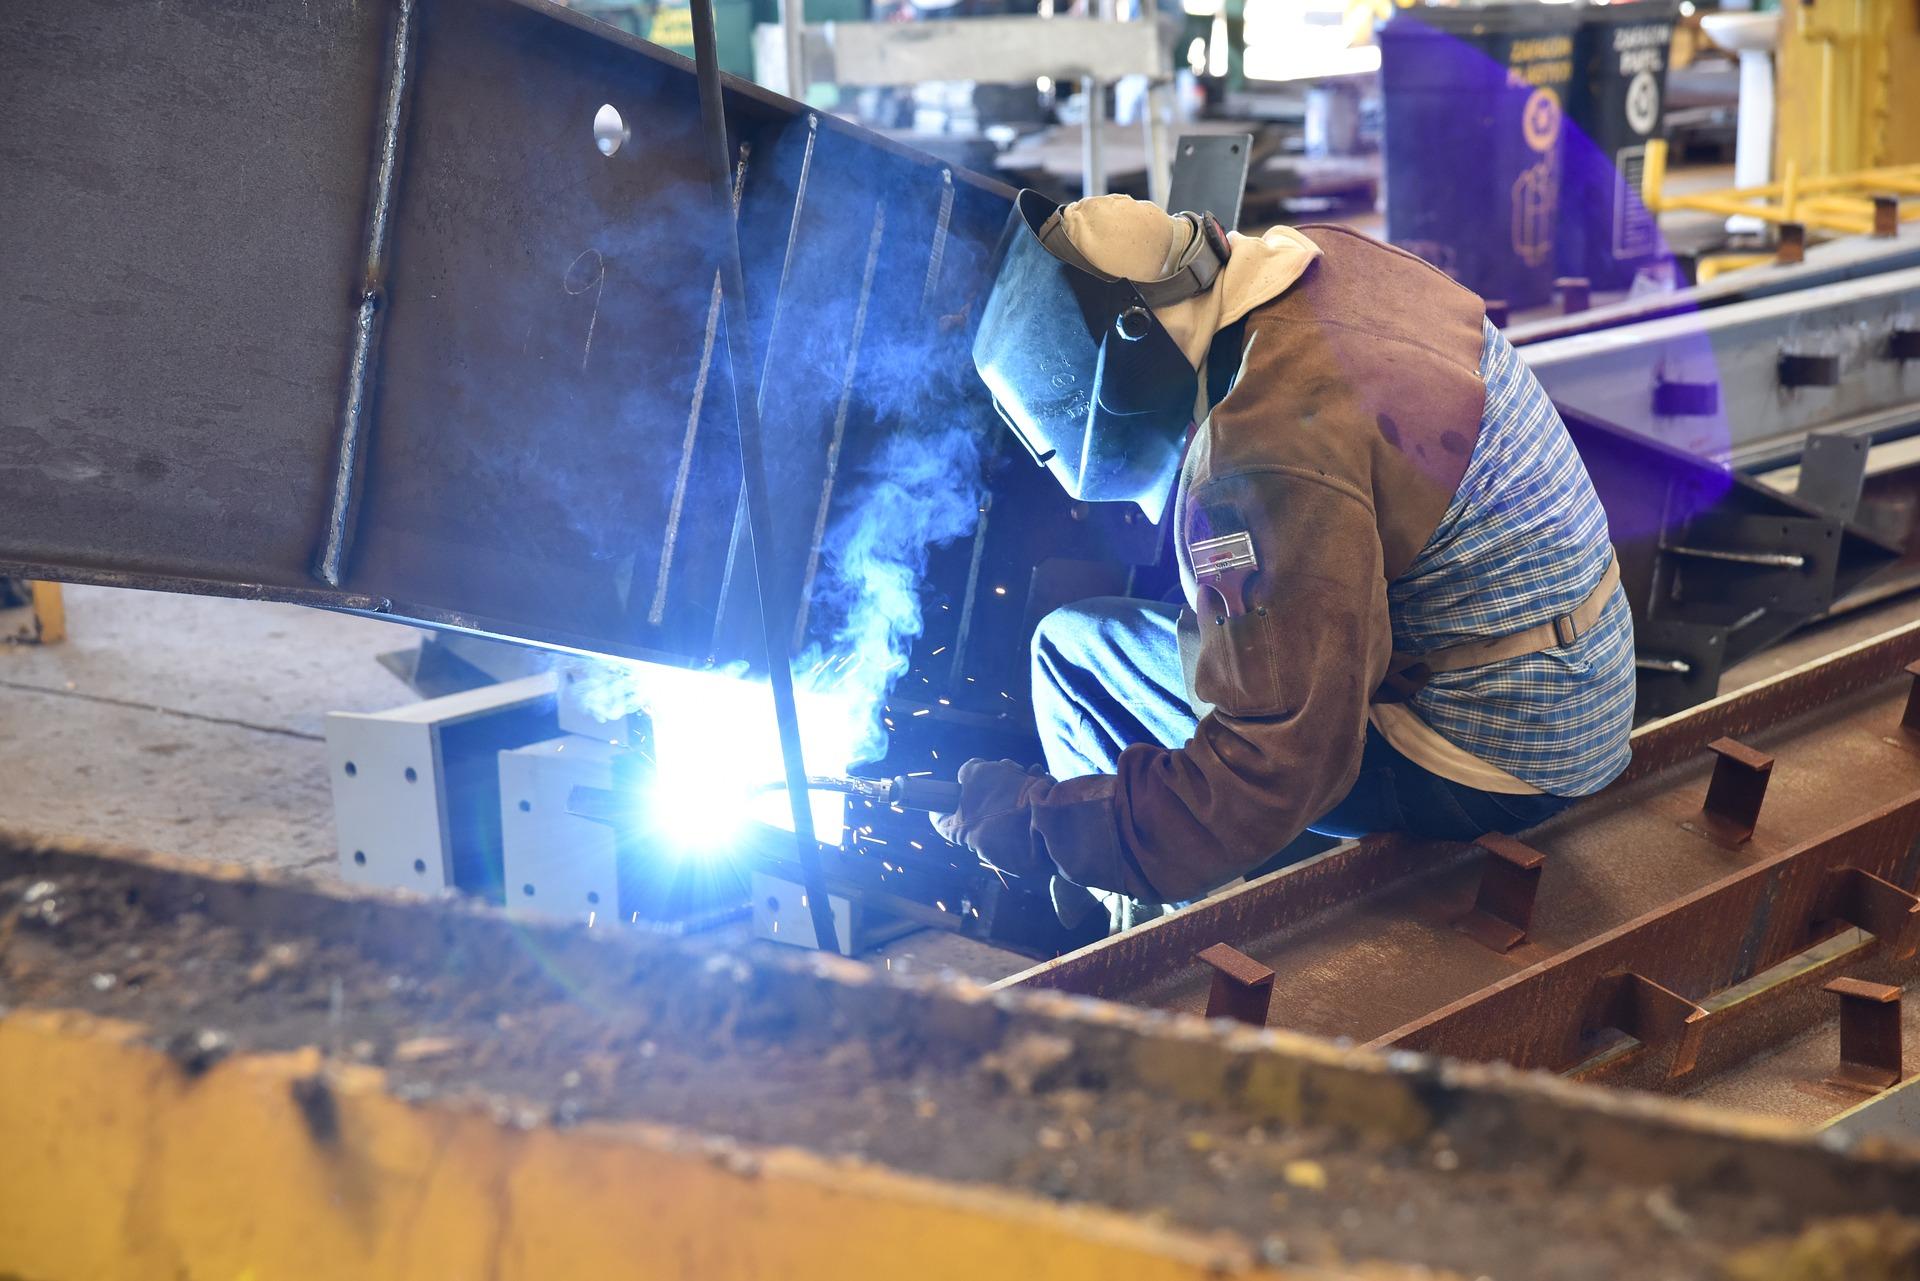 Un soldador fusionando dos piezas metálicas.